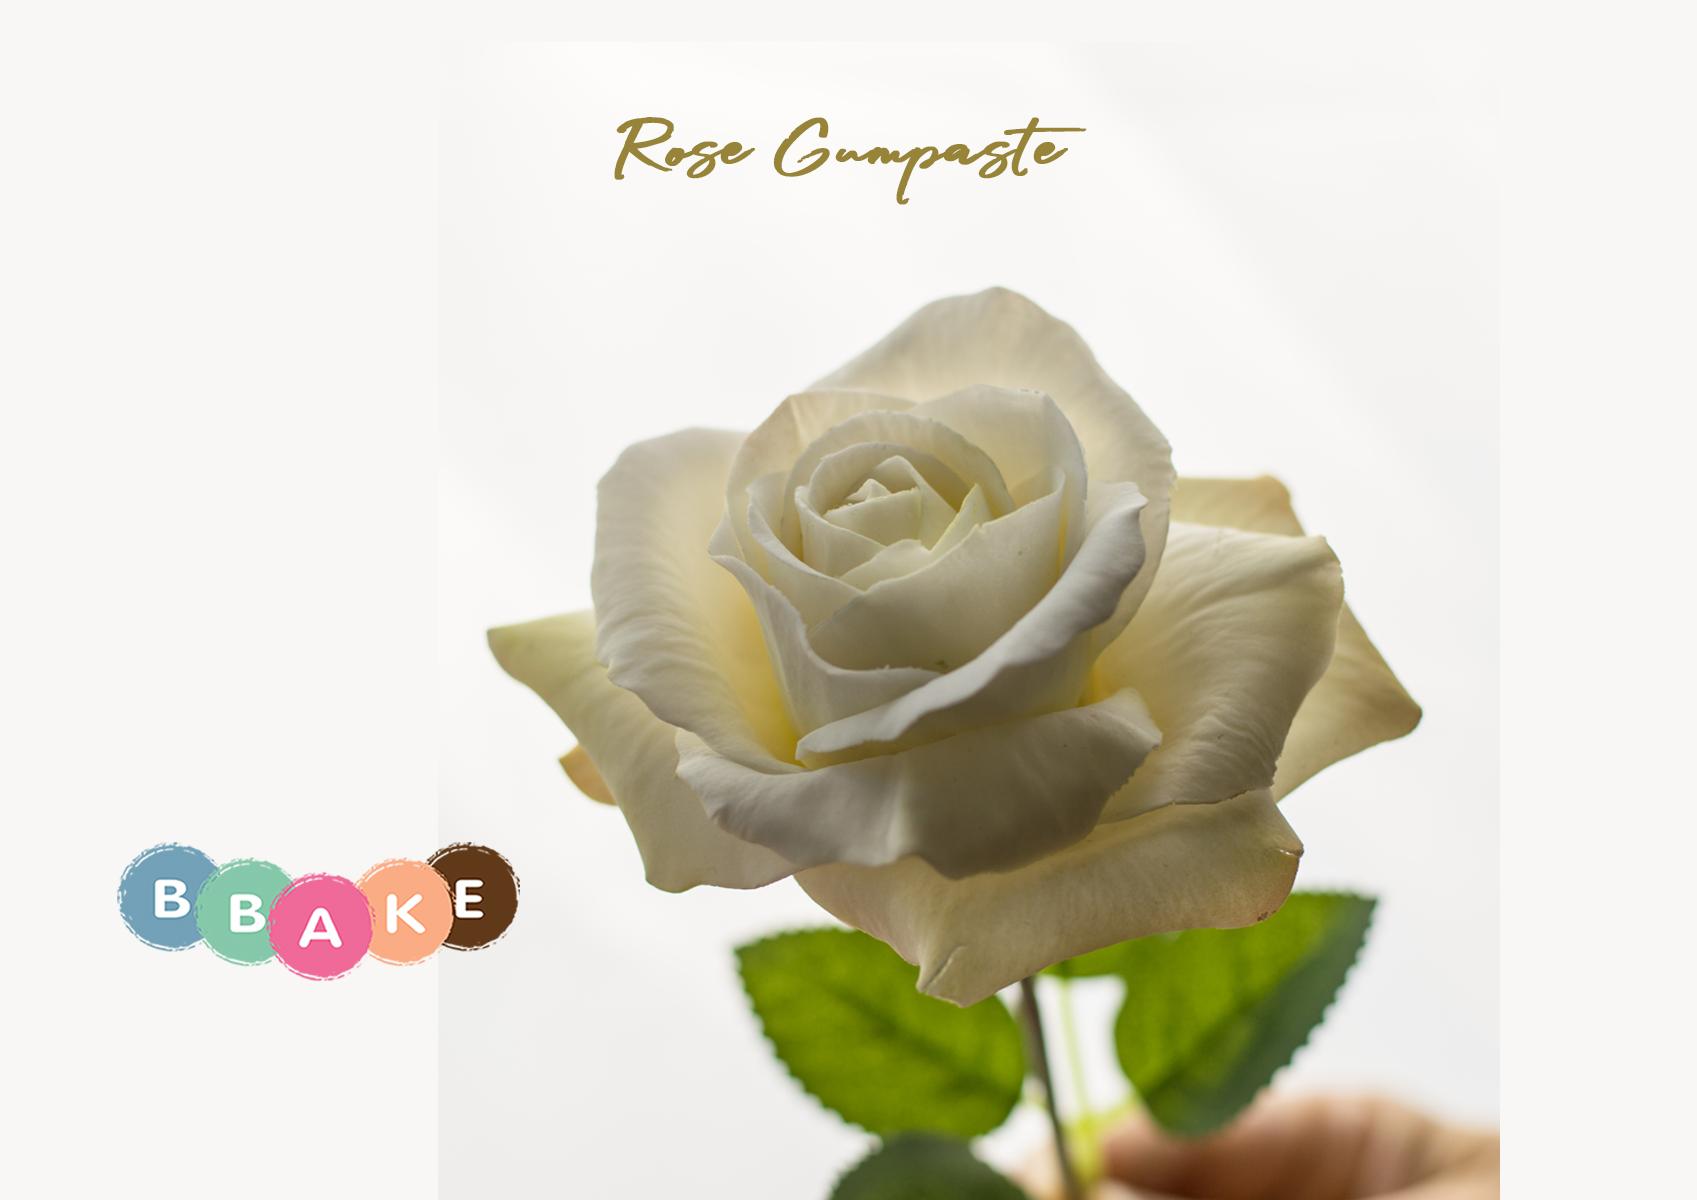 Rose Gumpaste